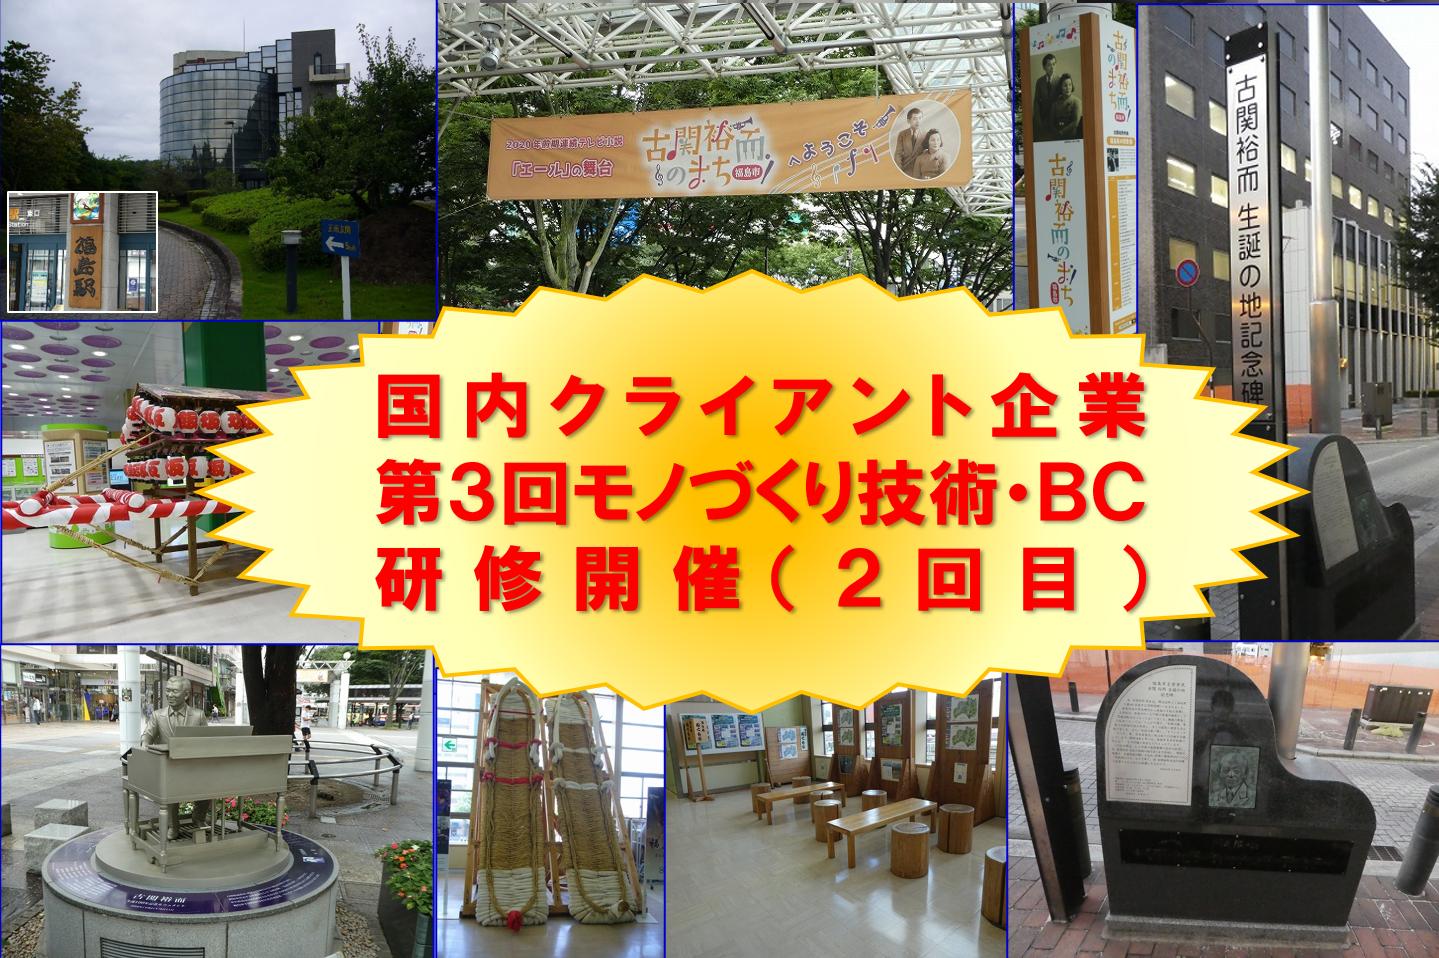 21_08_07_第3回モノづくり技術・ベーシックコース研修開催(2回目)_AA